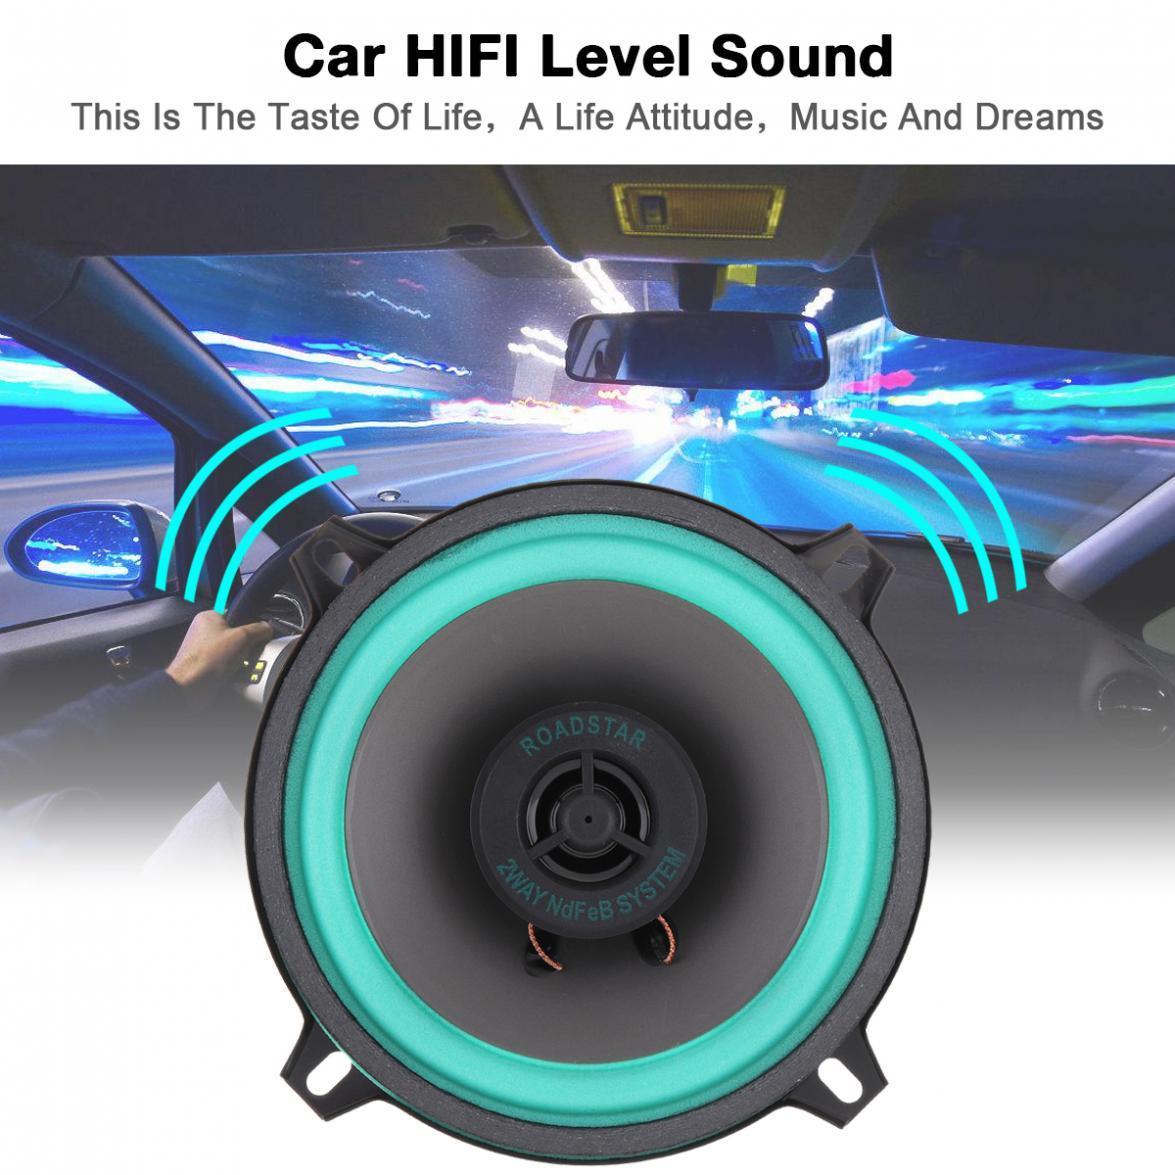 1 шт. 5 дюймов 100 Вт Универсальный Автомобильный HiFi коаксиальный динамик для двери автомобиля Авто Аудио Стерео полный диапазон частоты дина...